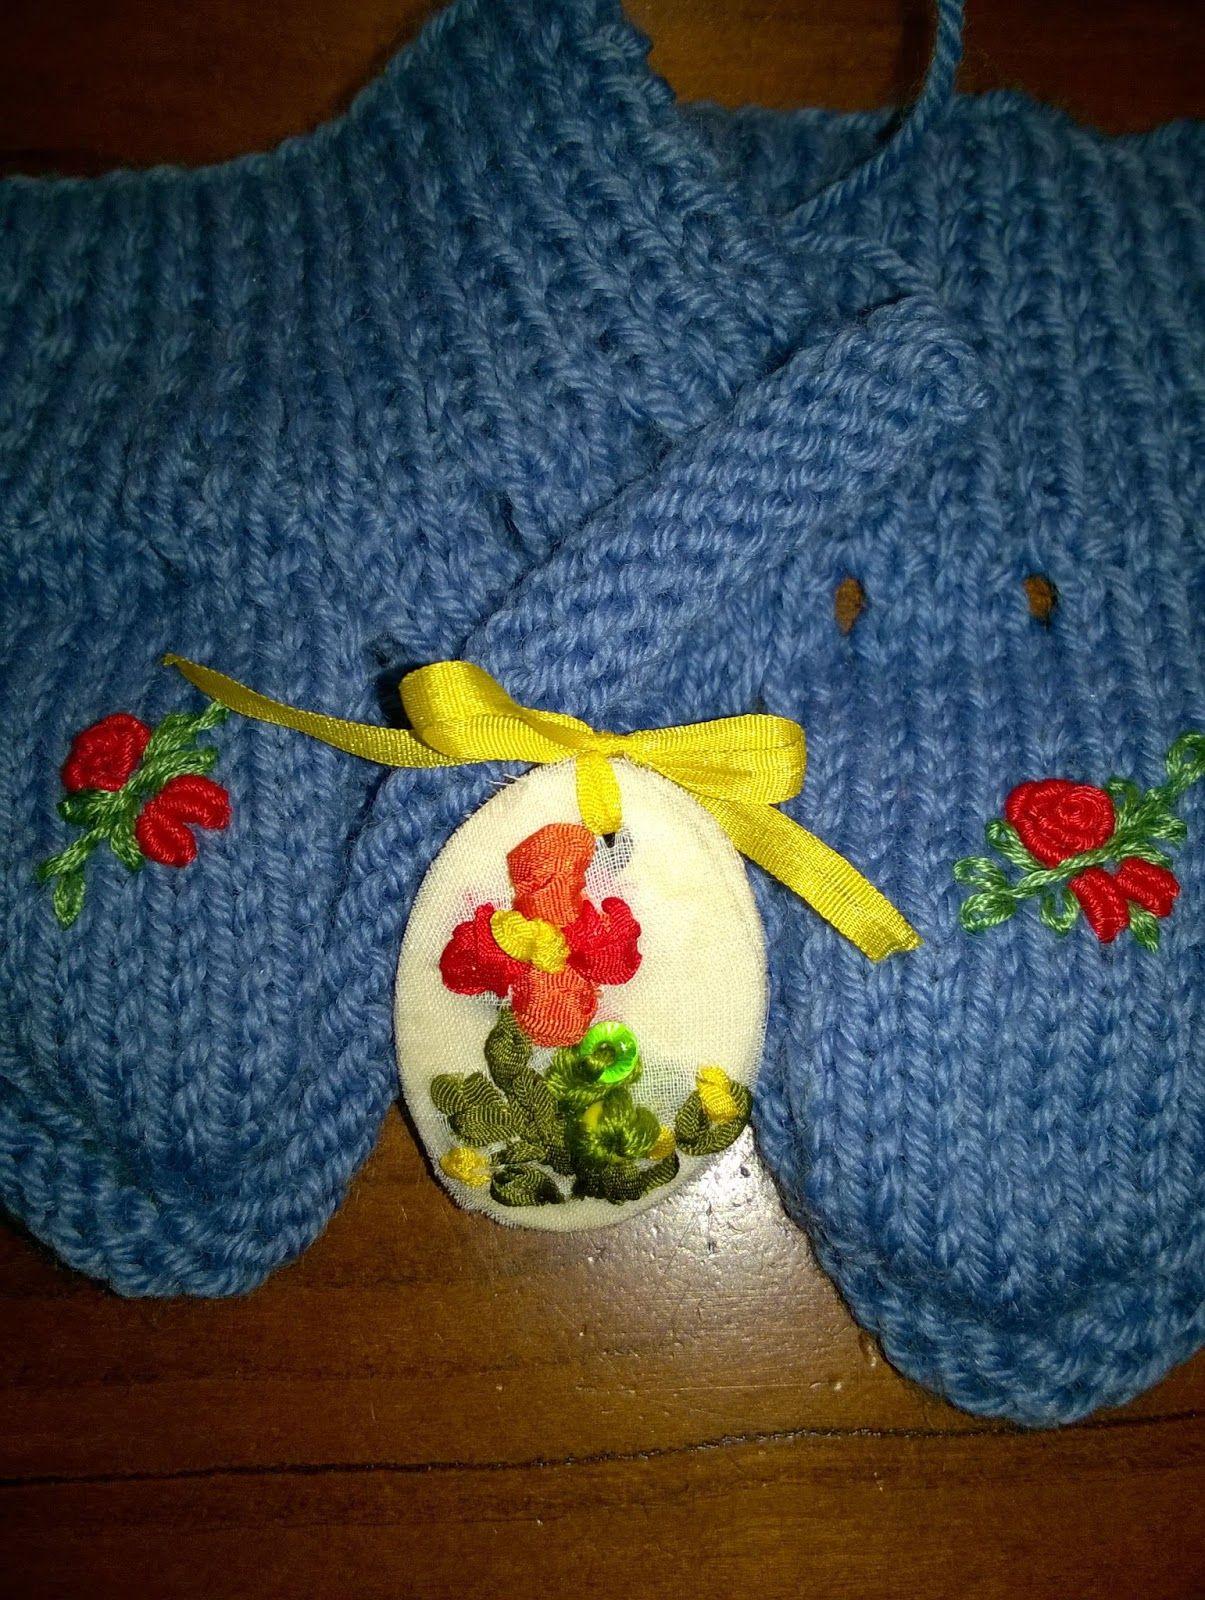 Ancora punto croce su bavaglini. Scarpette di lana fatte a mano con decorazione ricamo classico. Tutto per mercatino solidale Parrocchia Monteforte d'Alpone